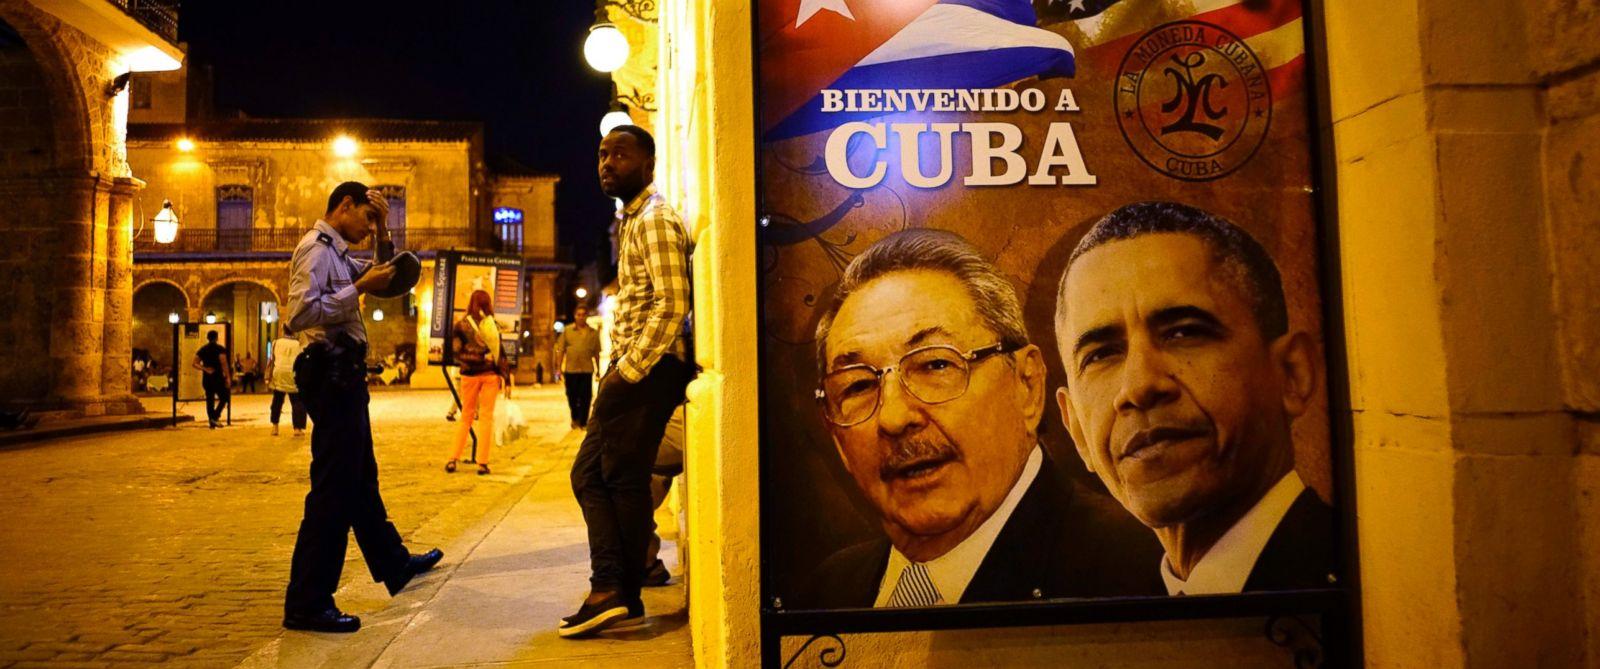 Barack Obama Gives Afro-Cubans Hope